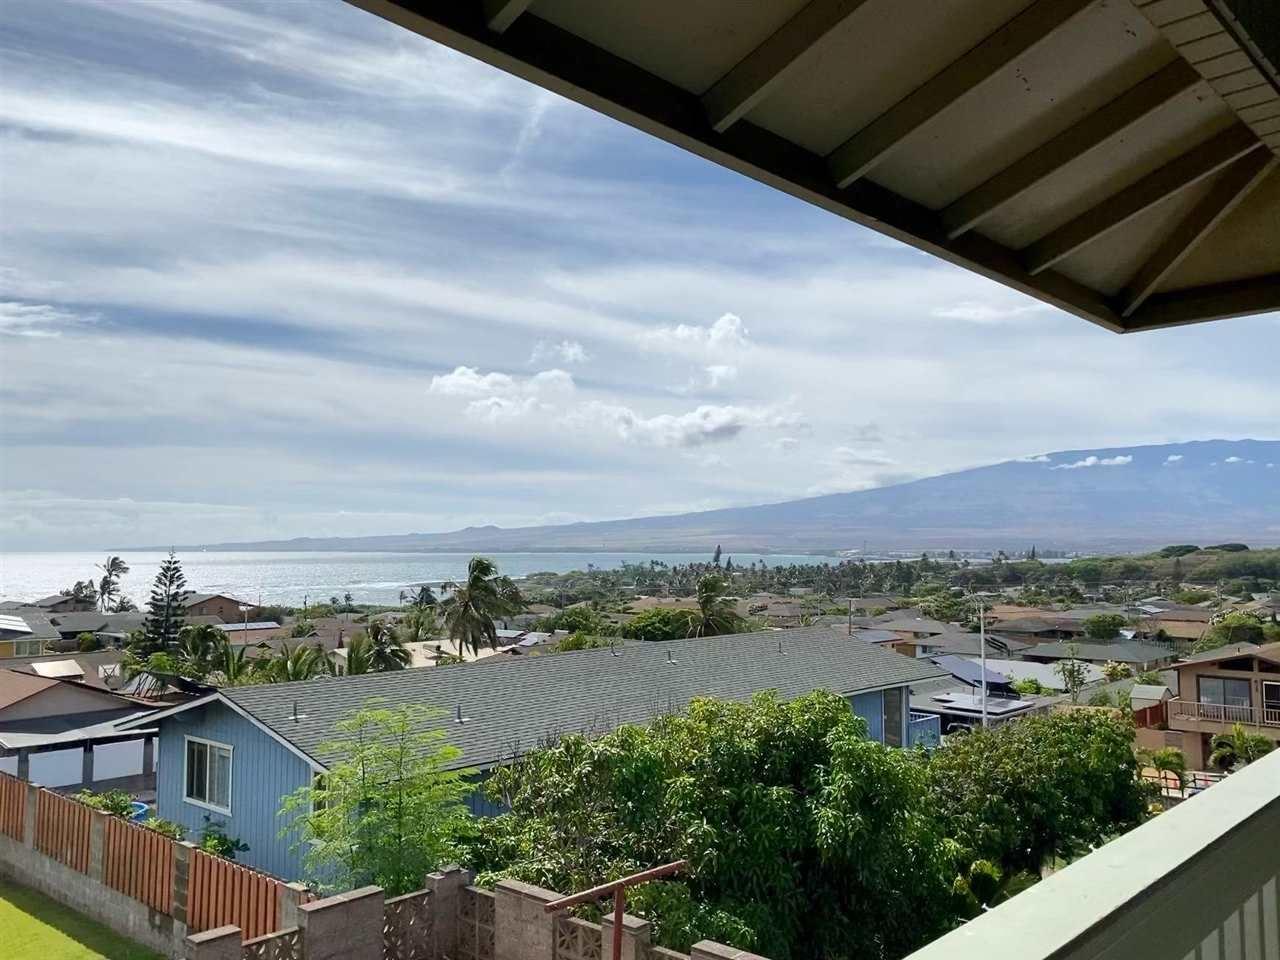 Photo of 795 Paloma St, Wailuku, HI 96793 (MLS # 392323)